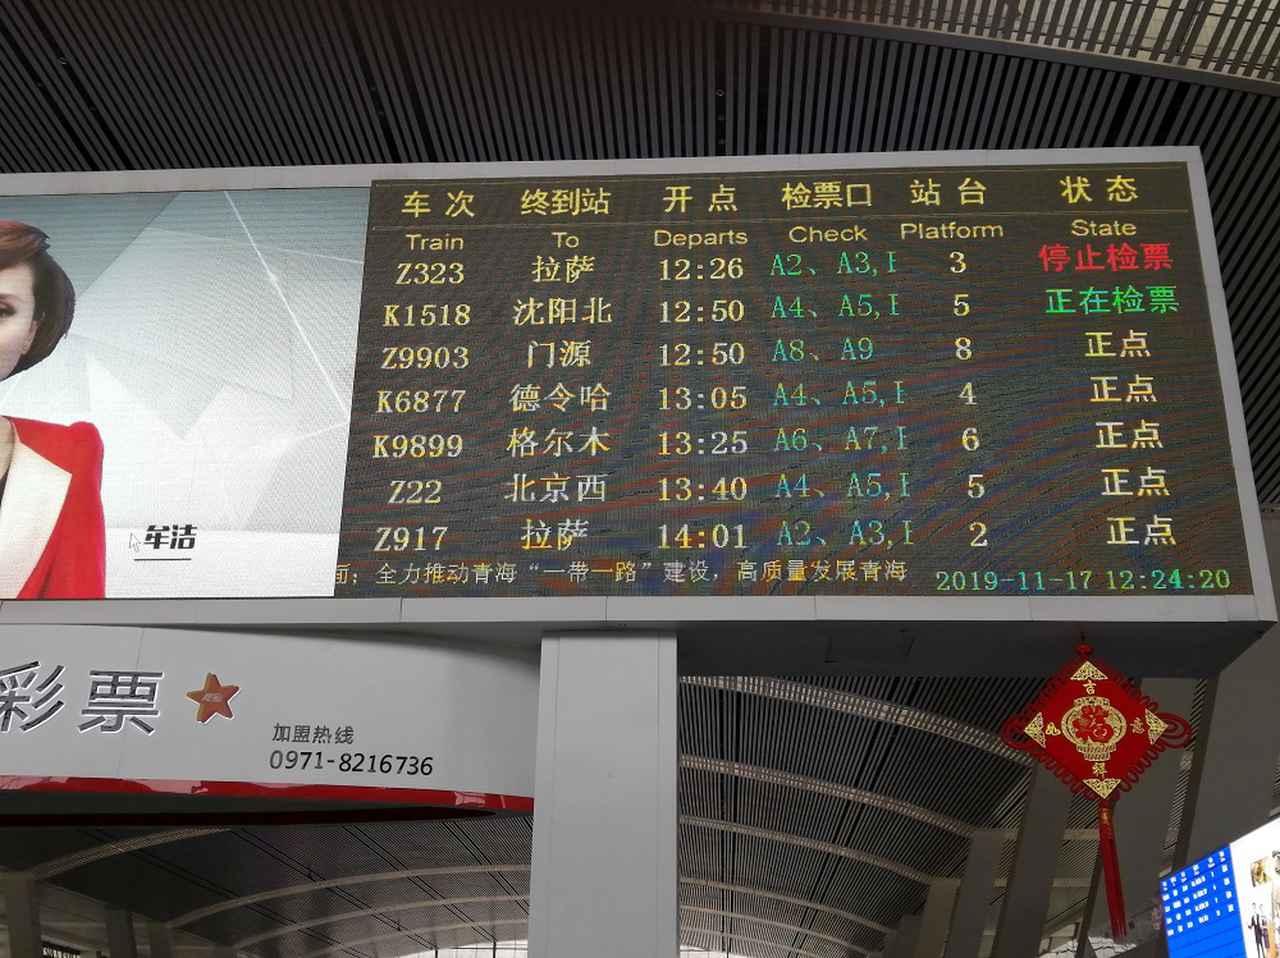 画像: 巨大な電工掲示板。筆者はZ917便でラサへ。